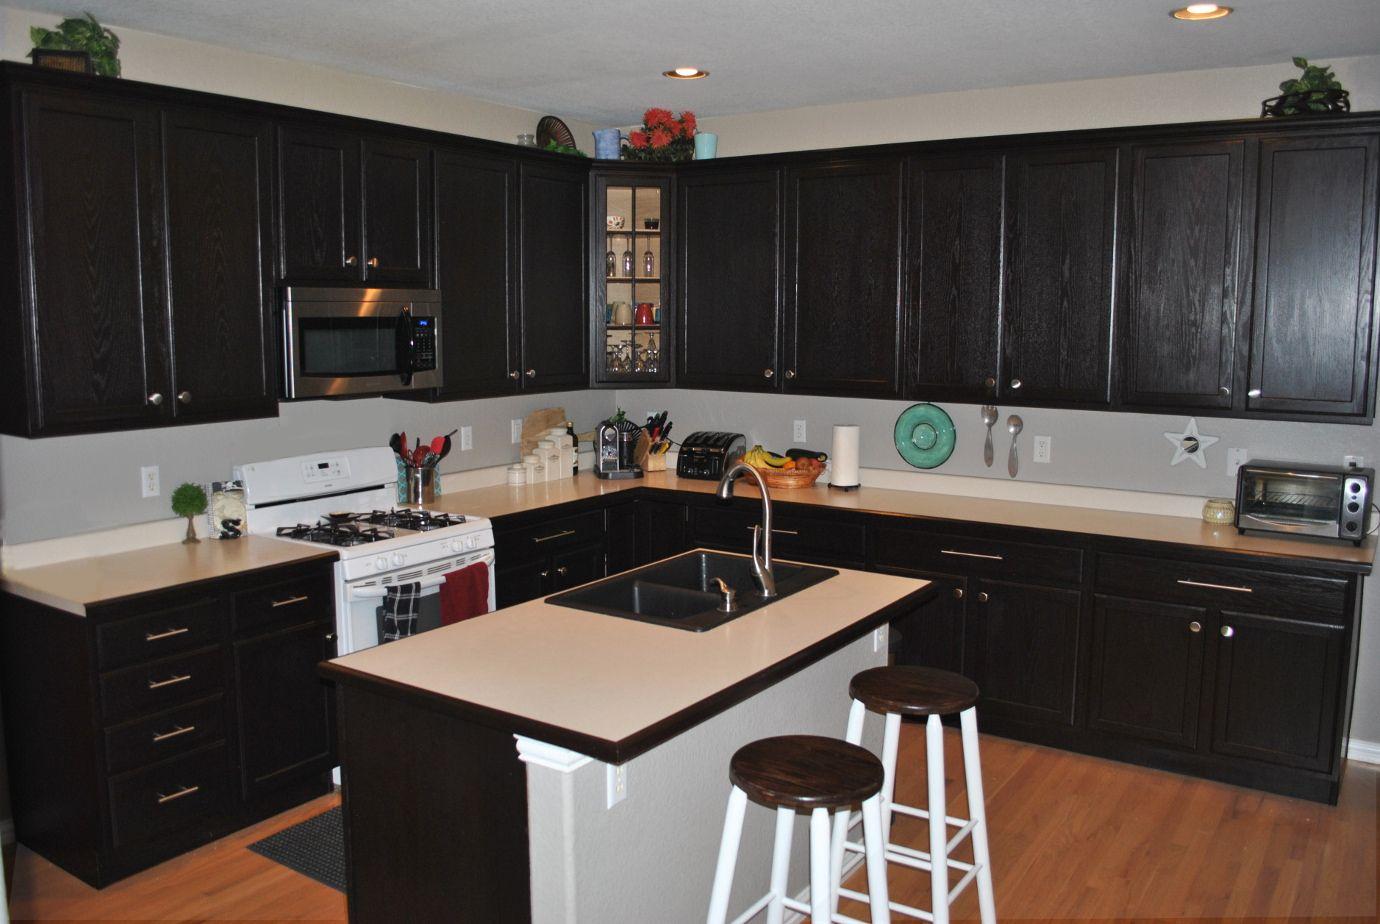 kitchen-backsplash-ideas-with-white-cabinets.jpg (1380×924 ...